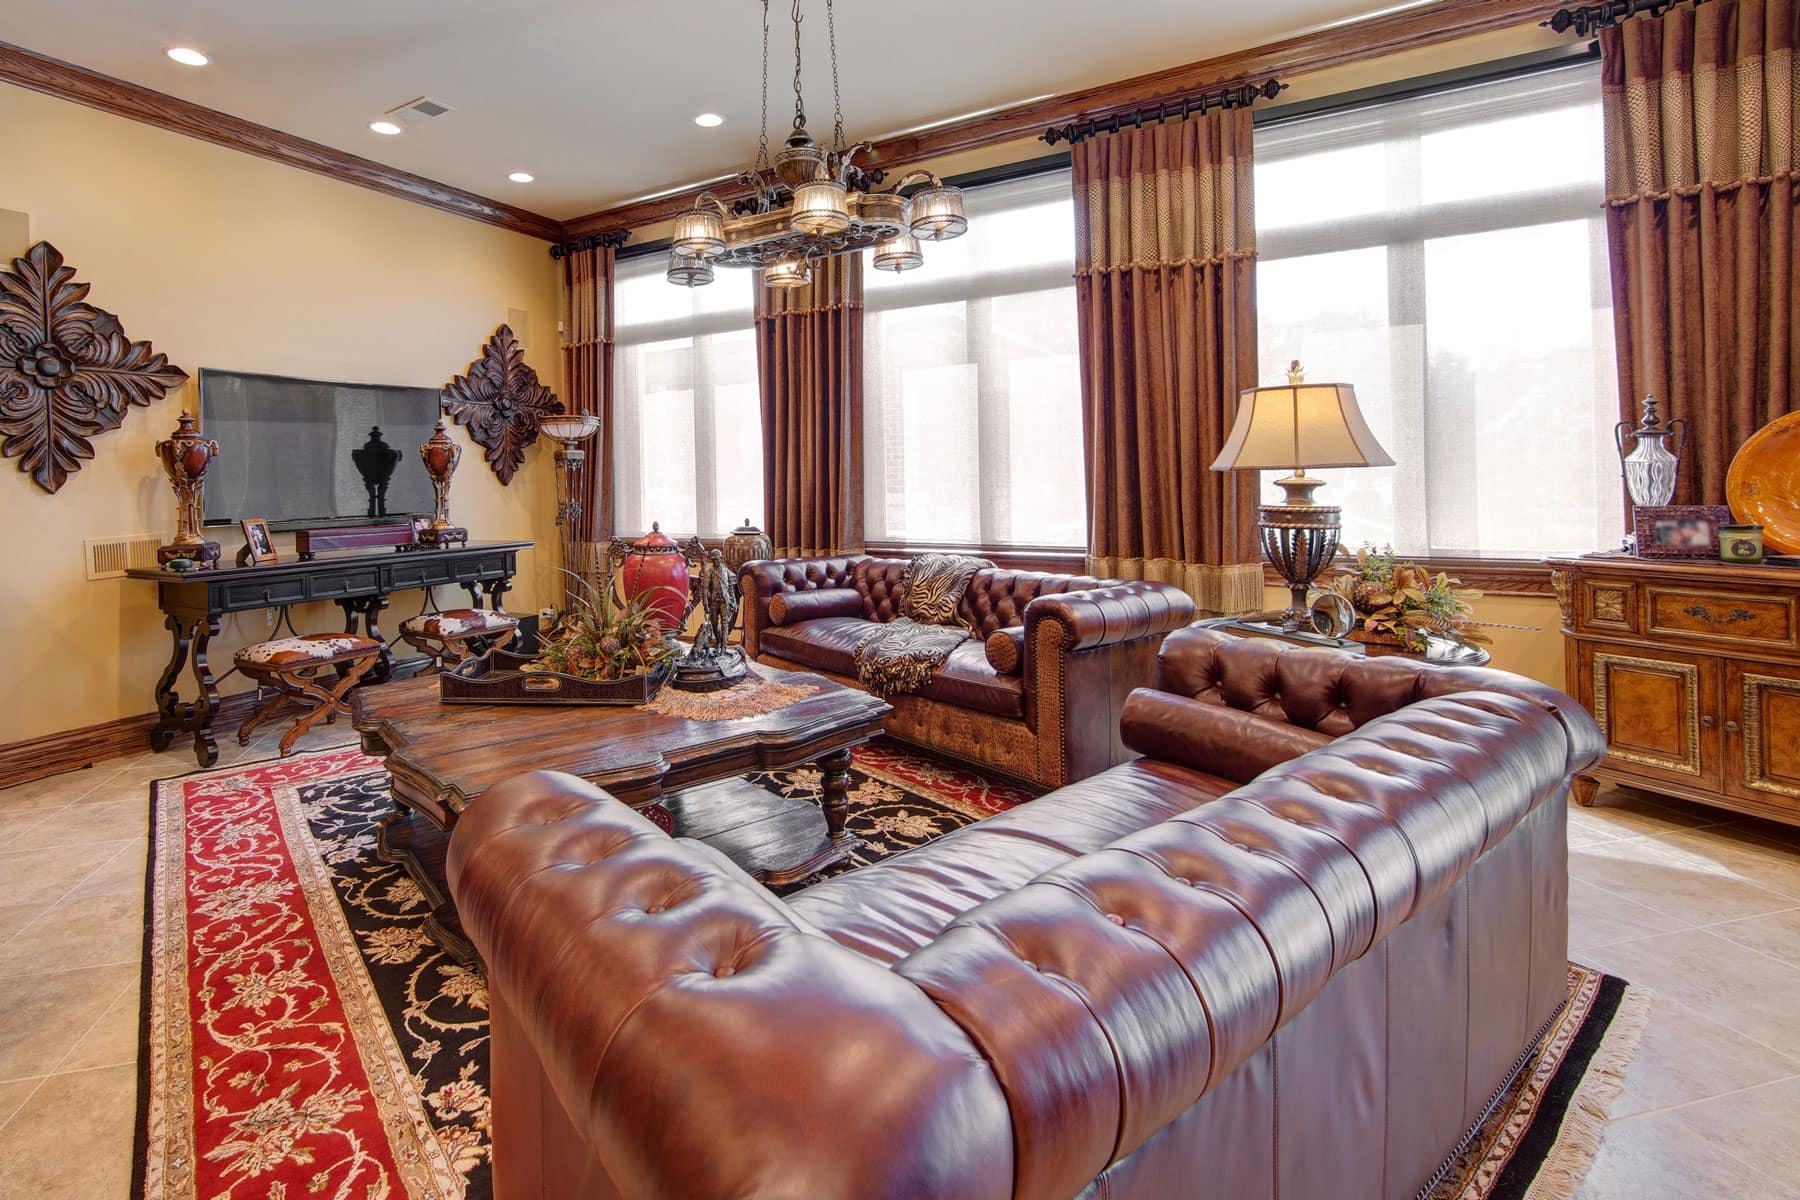 Family Bat Luxury Interior Design